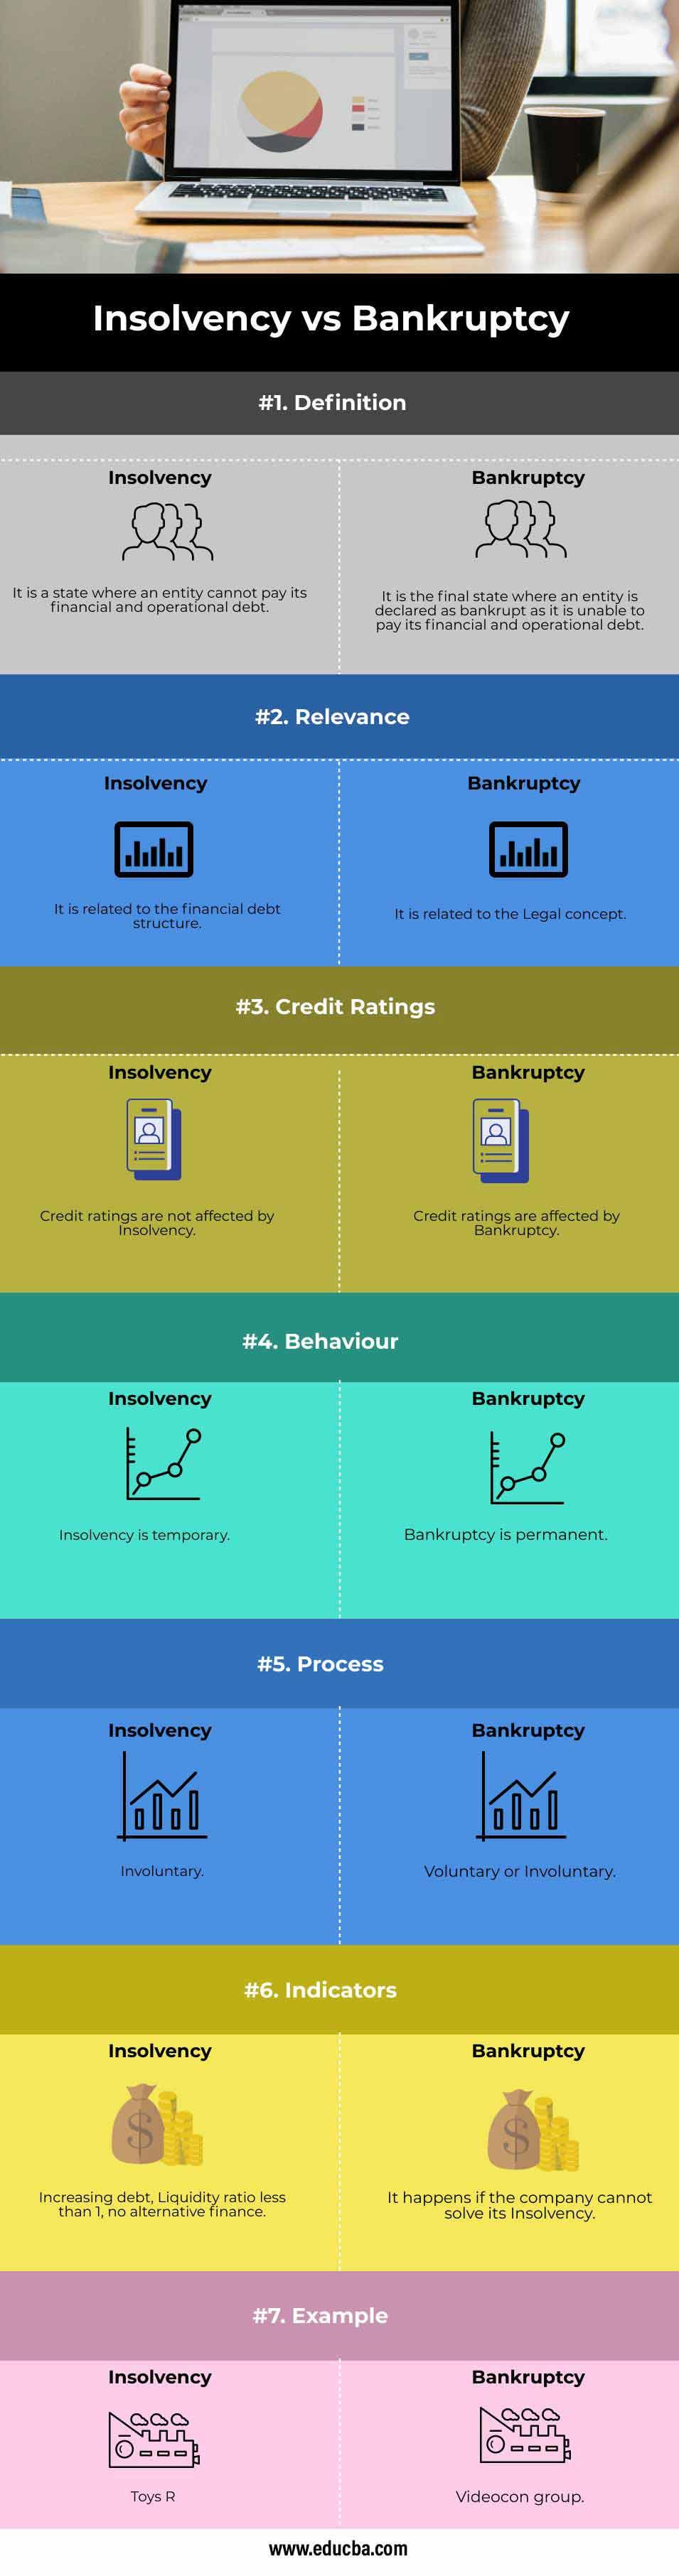 Insolvency-vs-Bankruptcy-info